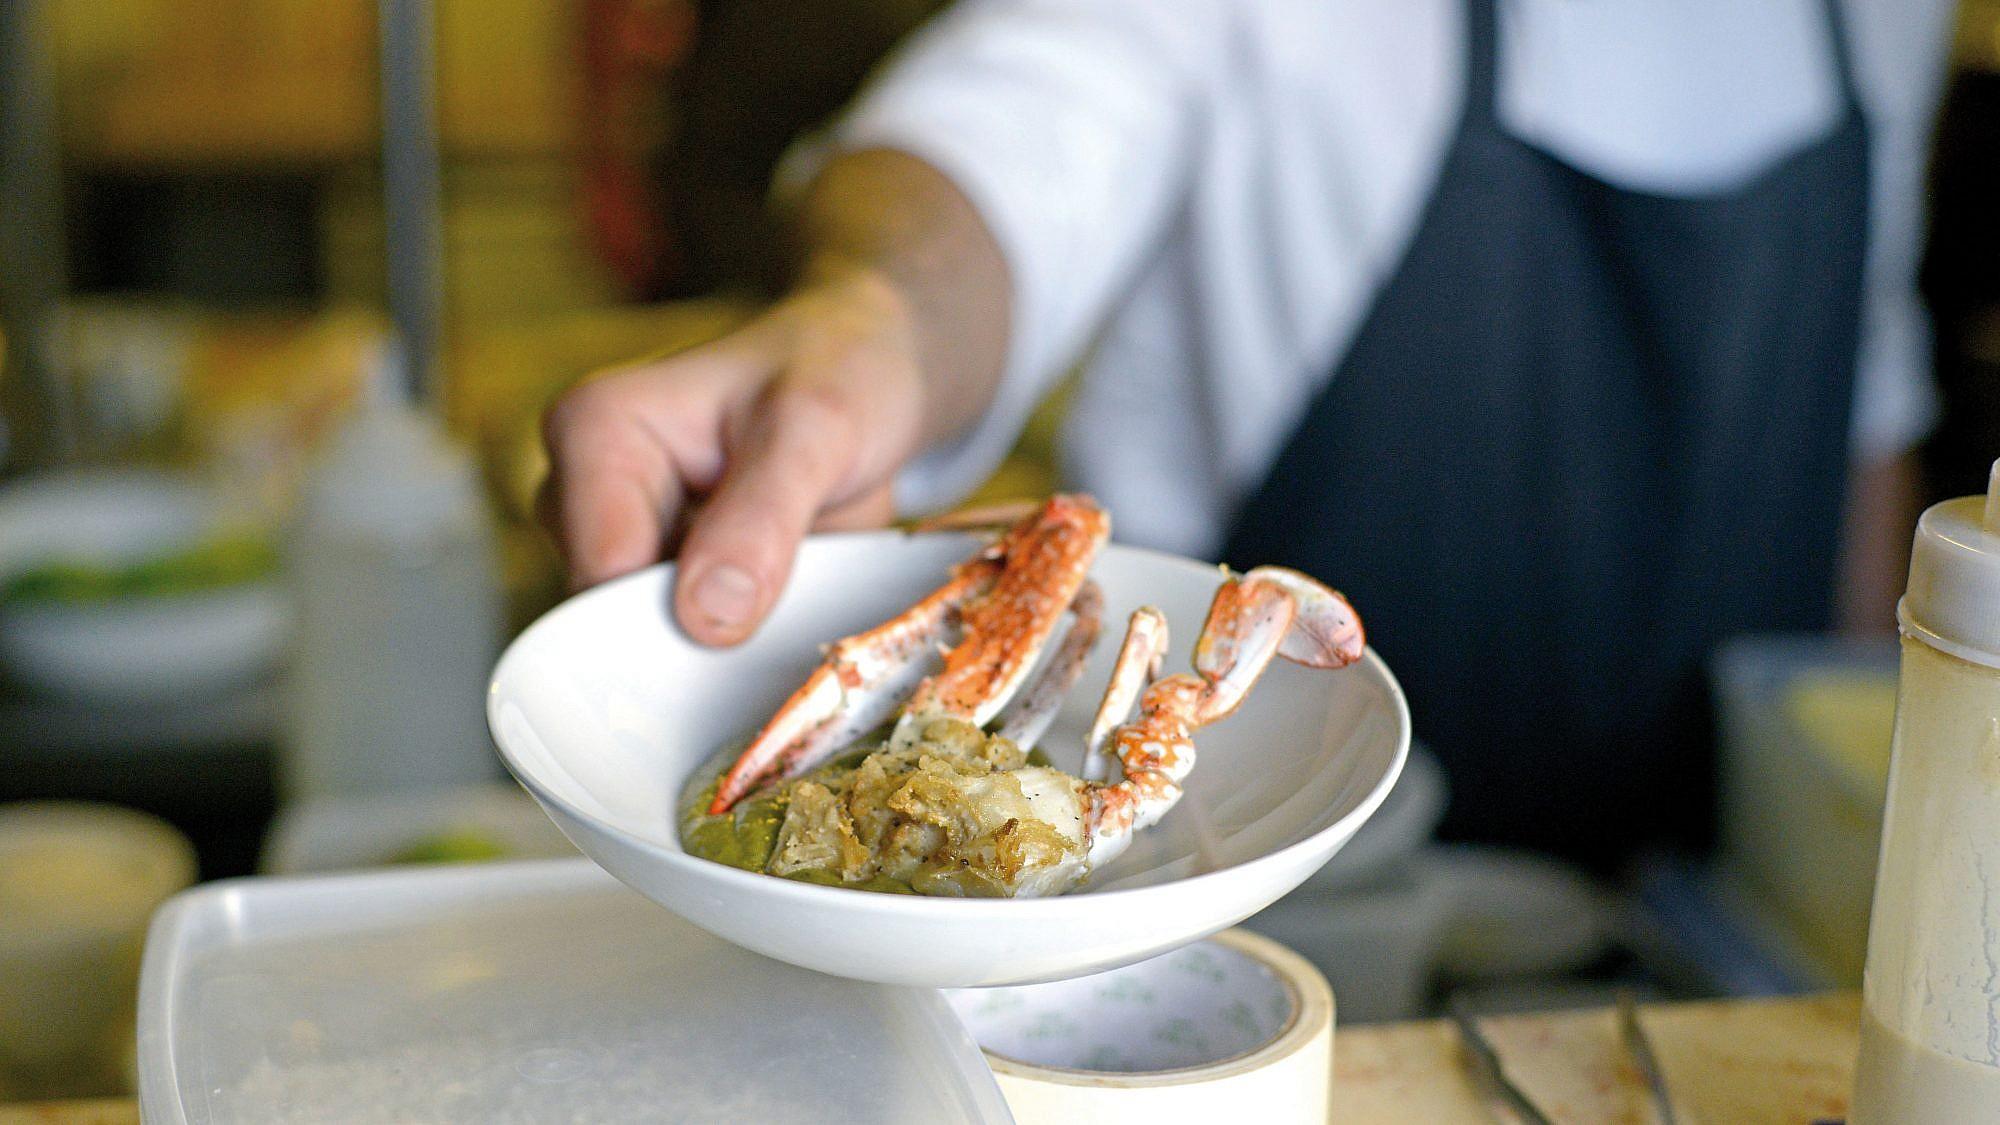 סרטנים ברוטב חמציץ של שף עידו קרמקסקי. צילום: רן בירן